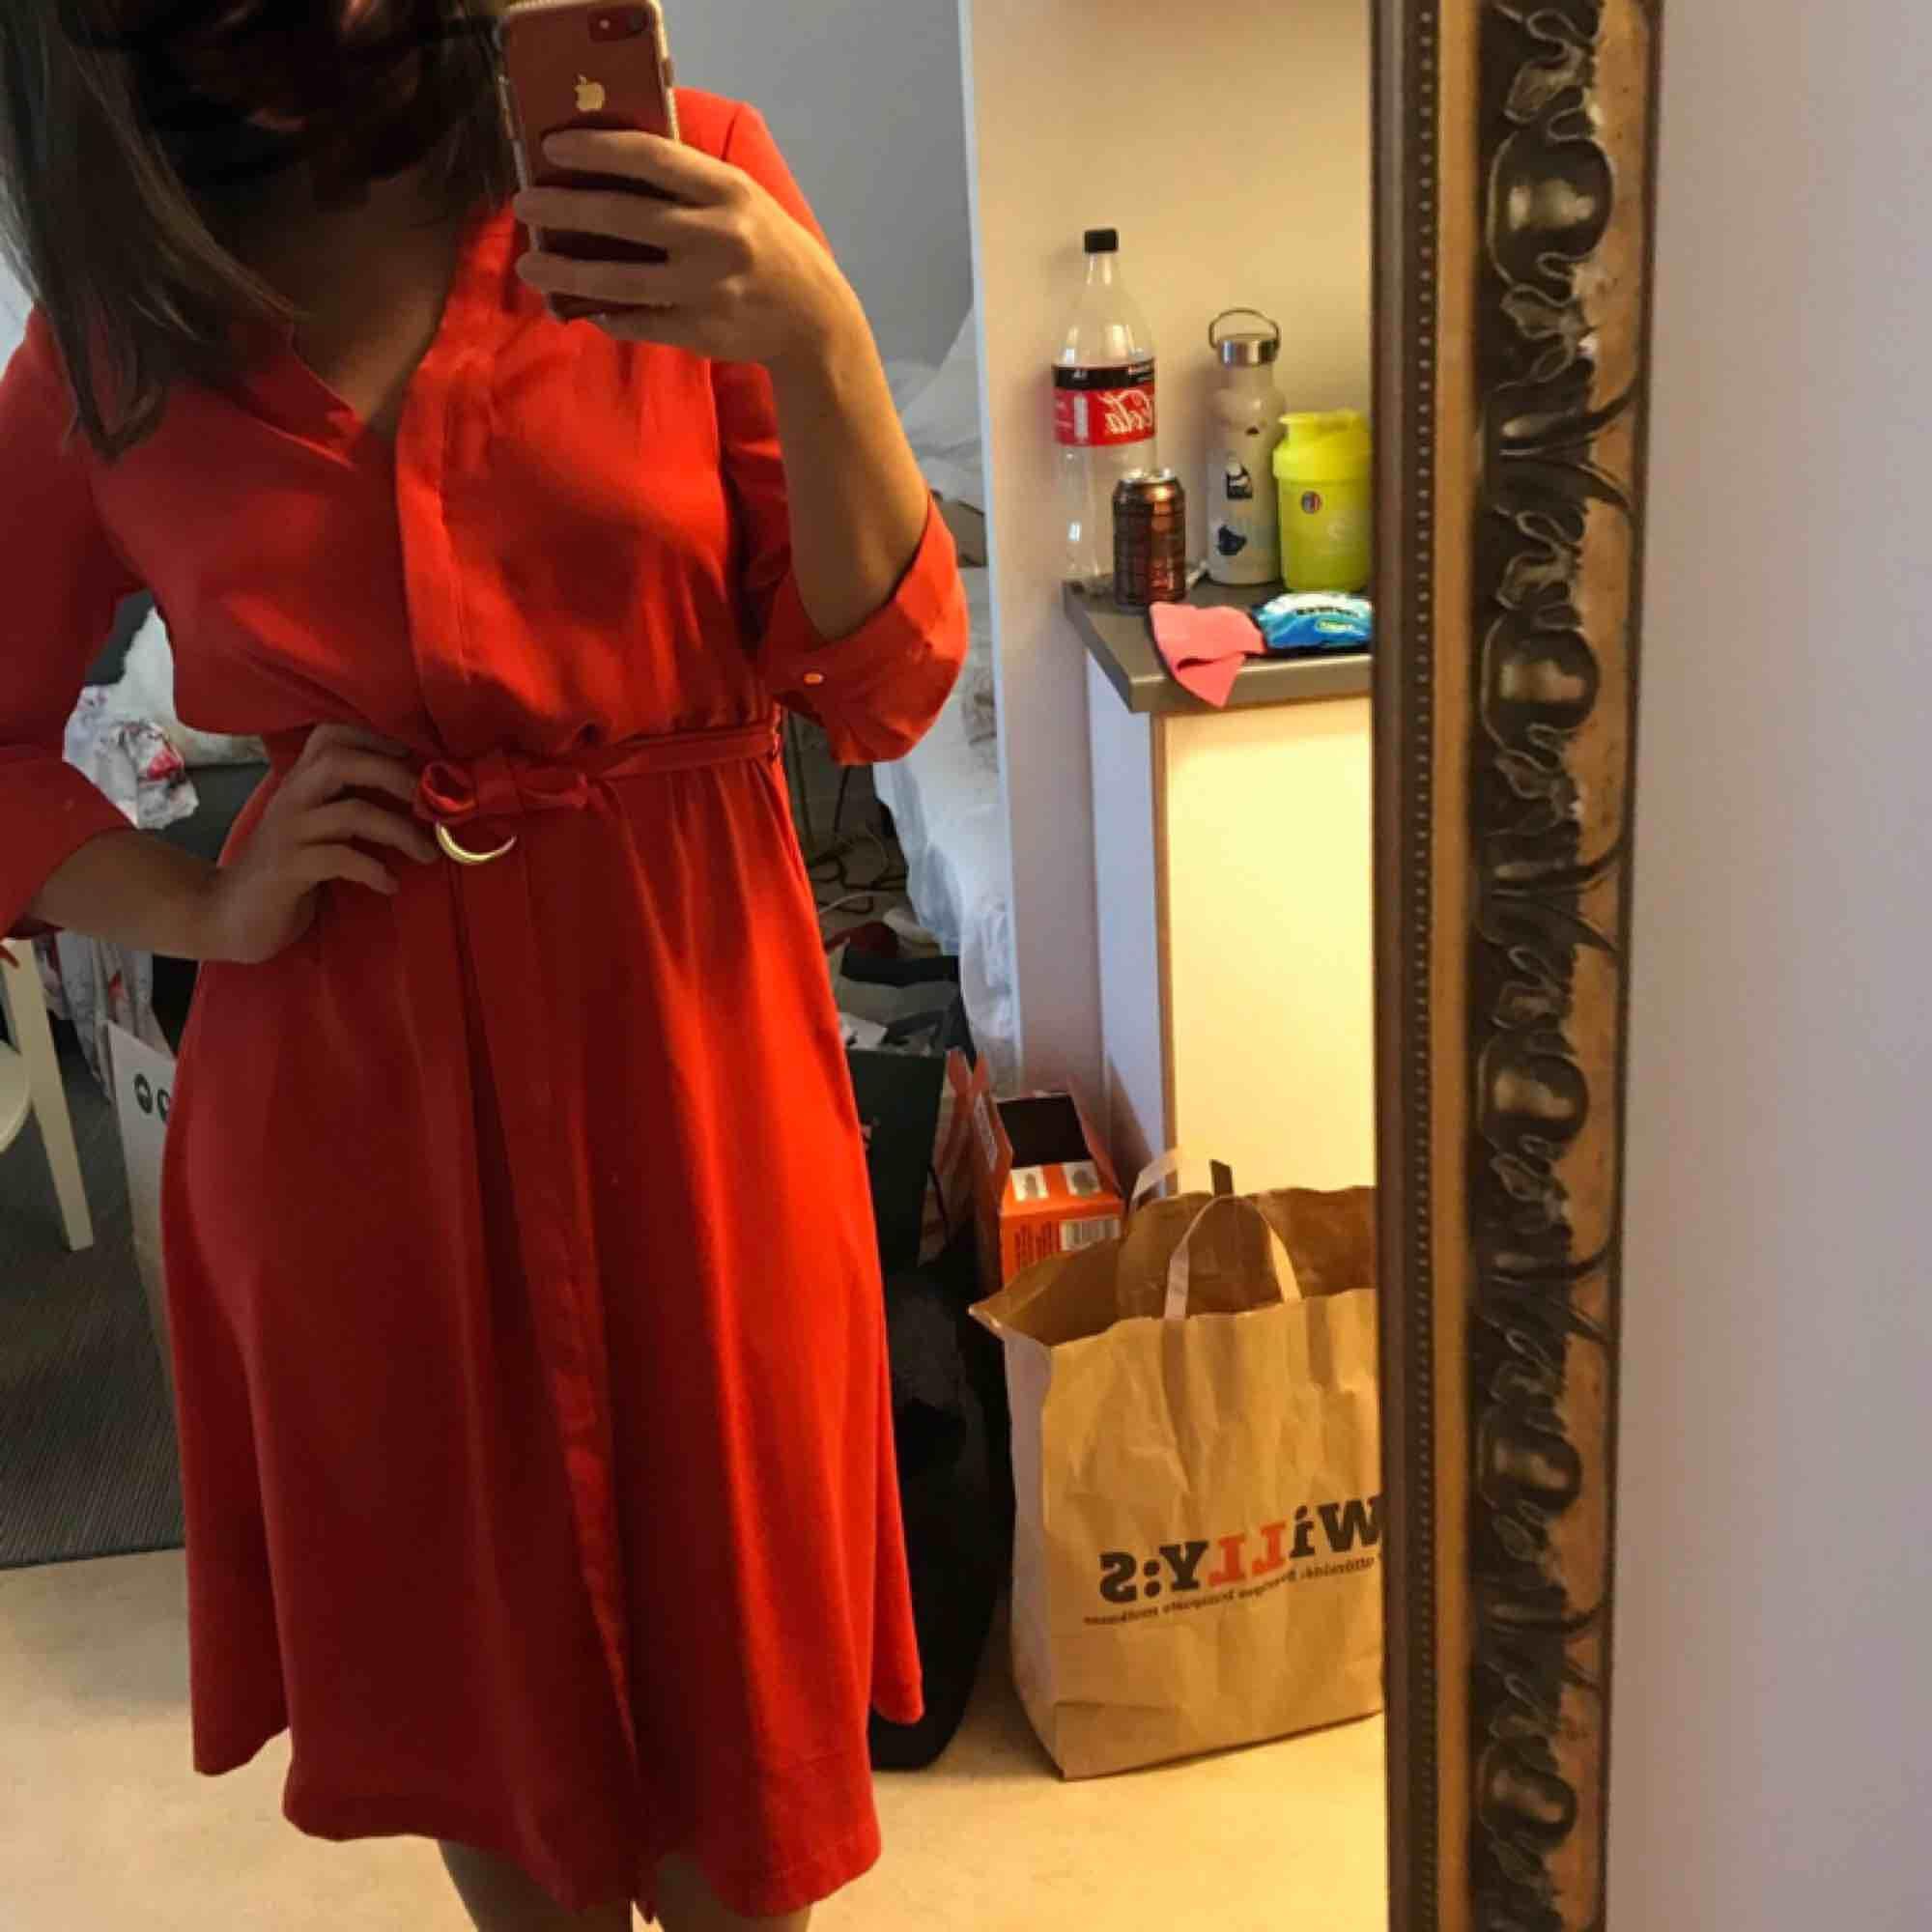 Skön klänning som slutar strax efter knäna. Köpte den förra sommaren men har inte hunnit använda den så mycket som den förtjänar! Pris kan diskuteras. Kan mötas upp i centrala gbg eller frakta:) kram. Klänningar.